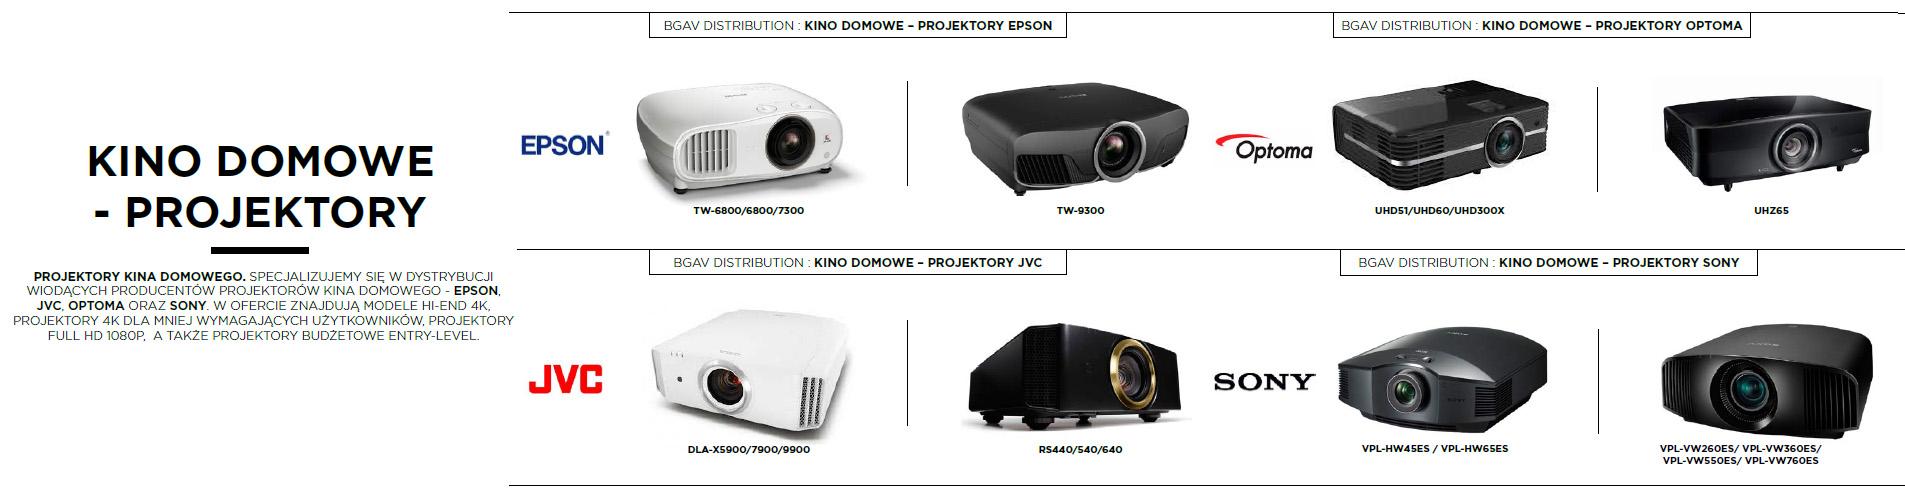 projektory kino domowe